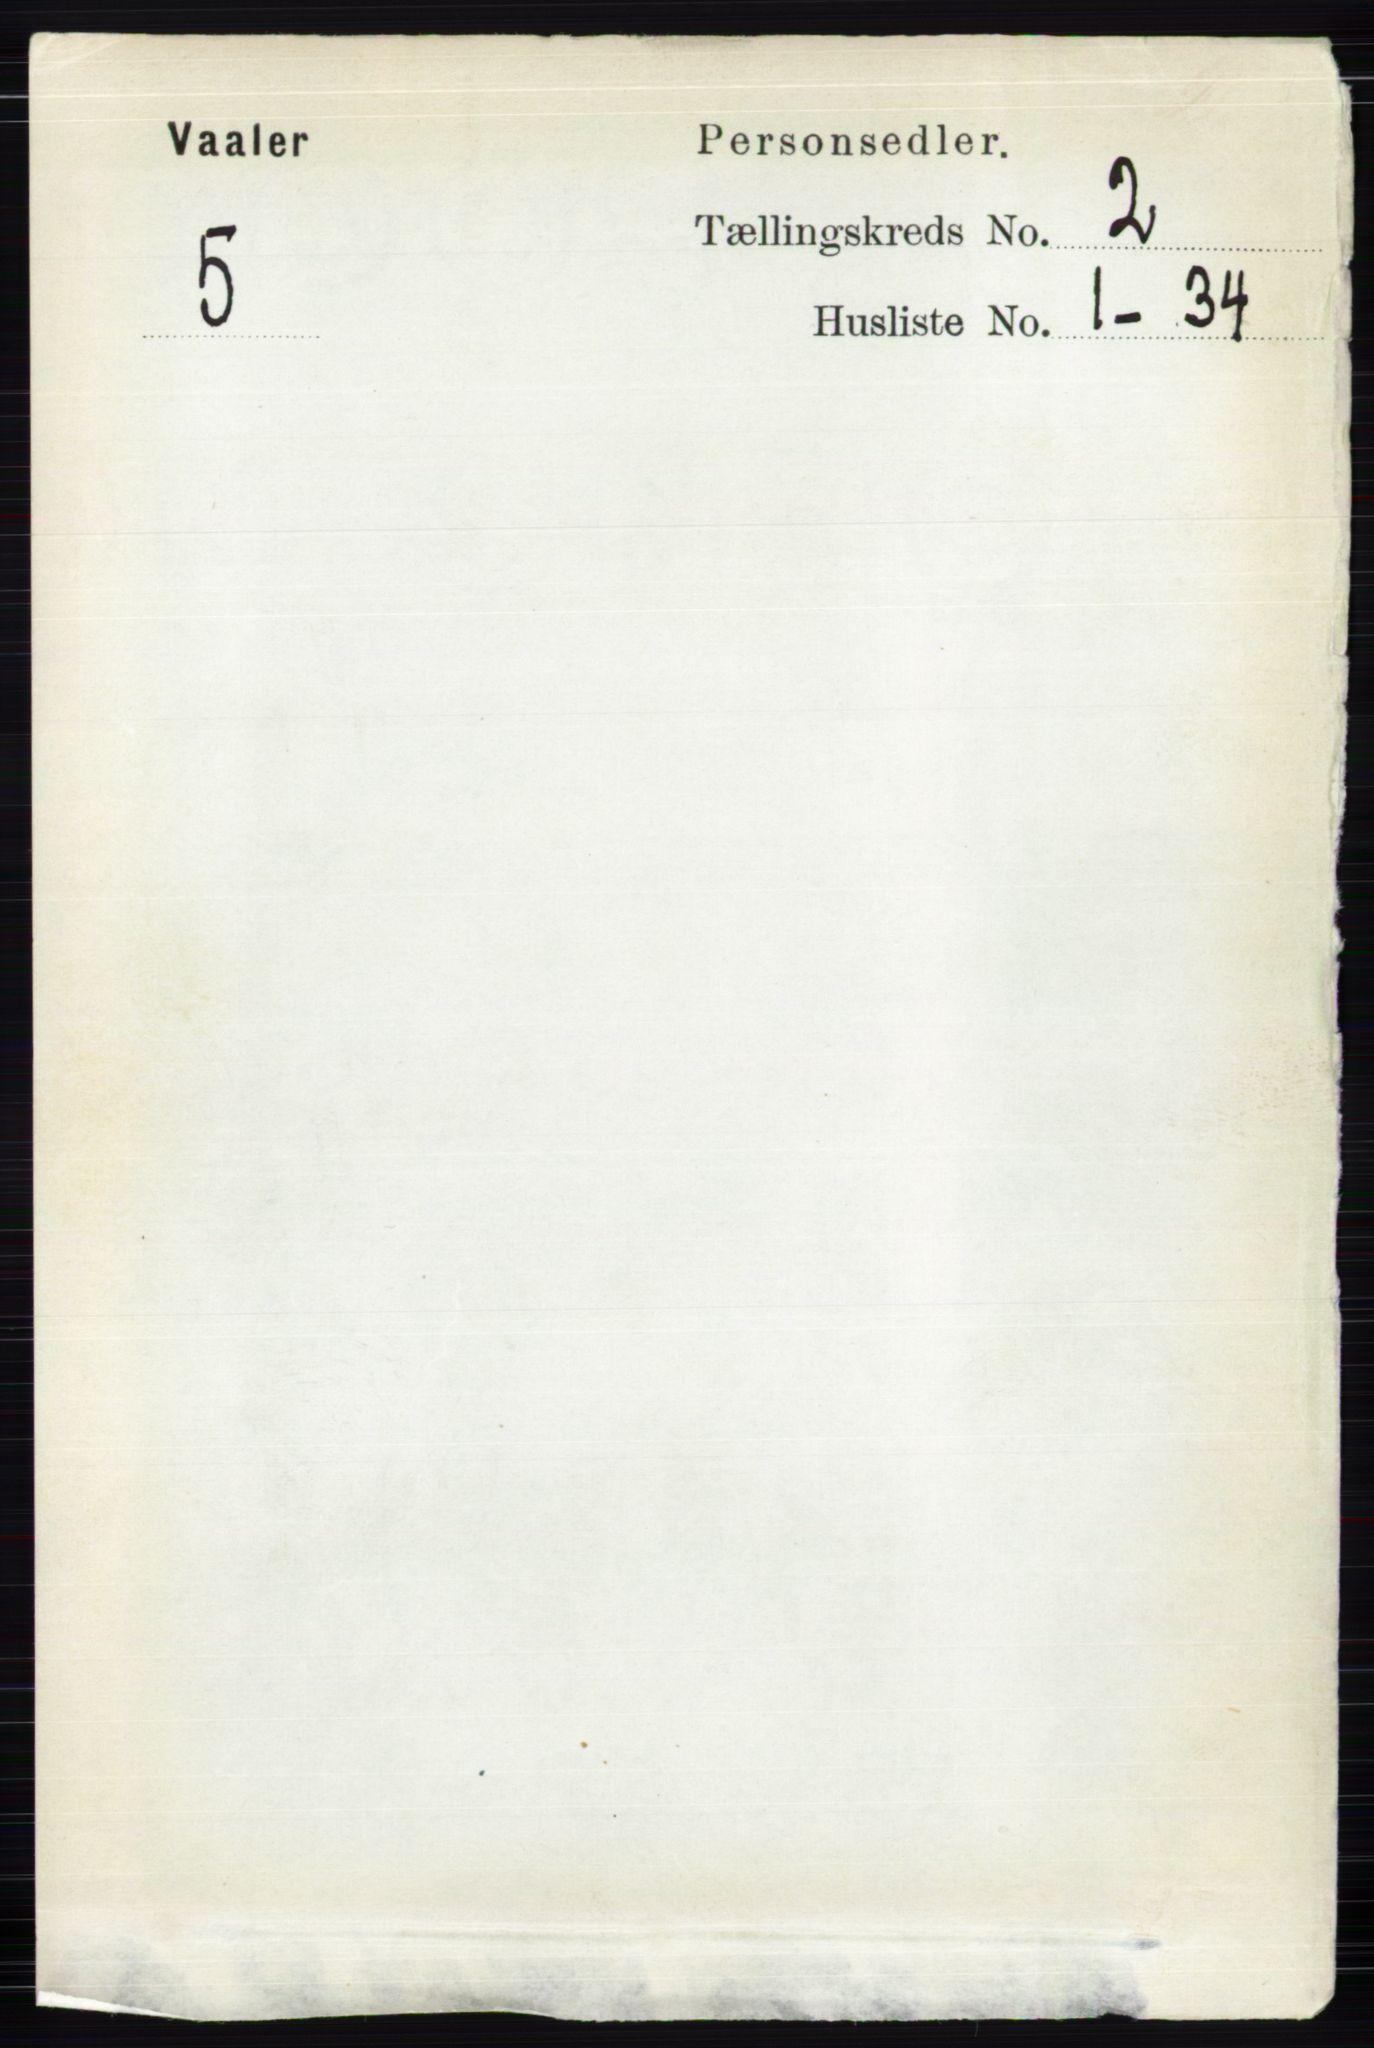 RA, Folketelling 1891 for 0426 Våler herred, 1891, s. 501